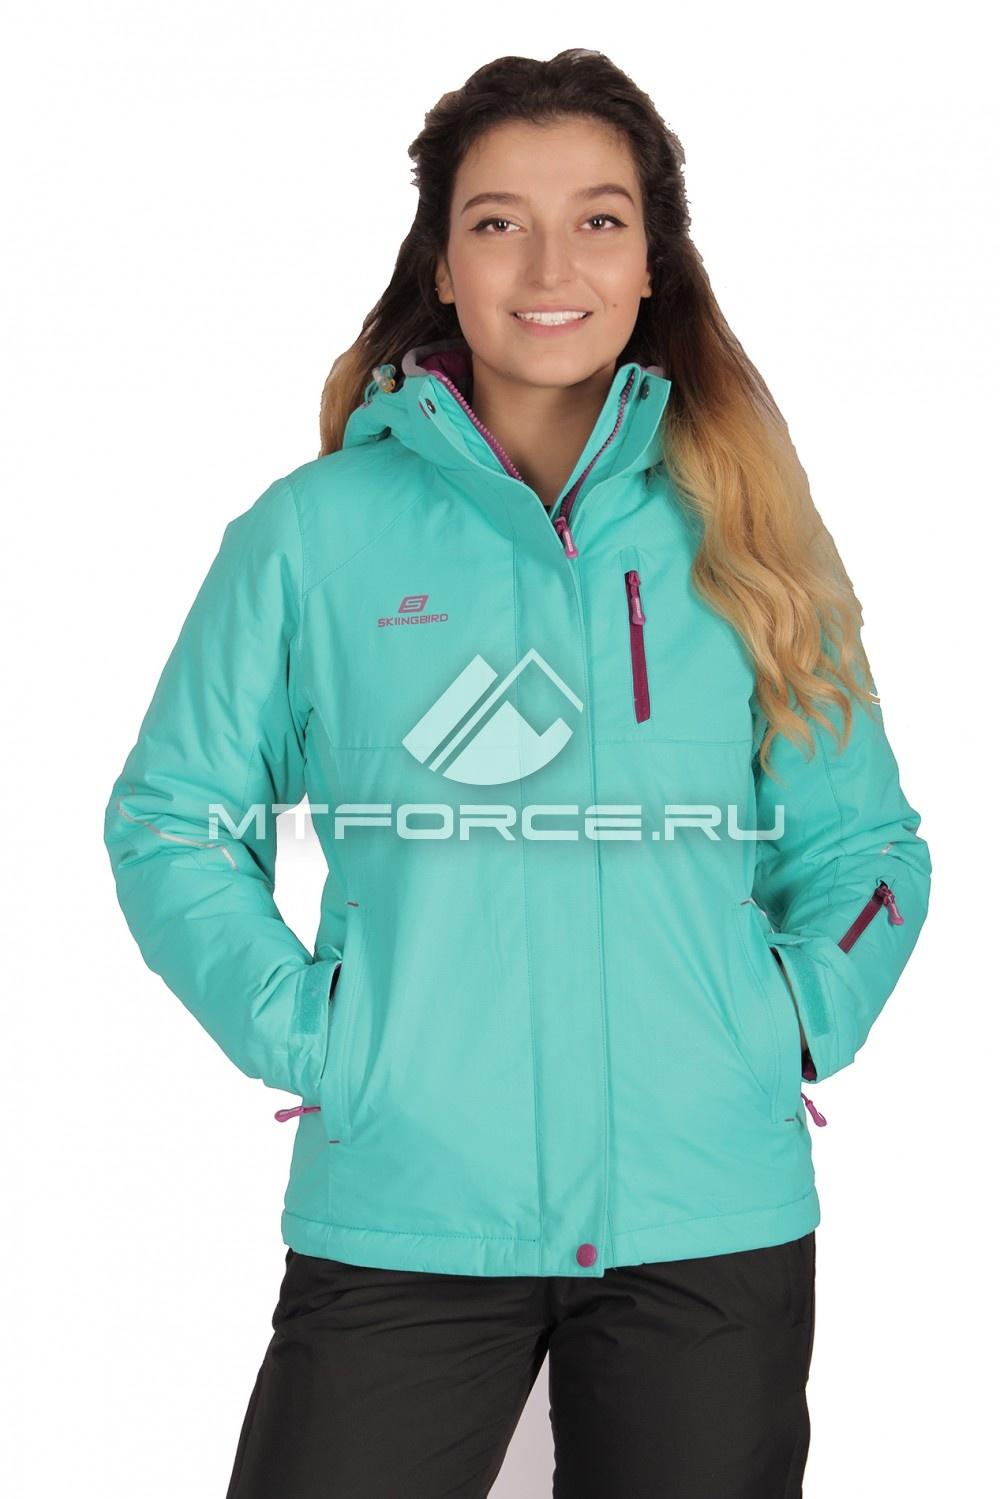 Купить                                  оптом Куртка демисезонная женская бирюзового цвета 1708Br